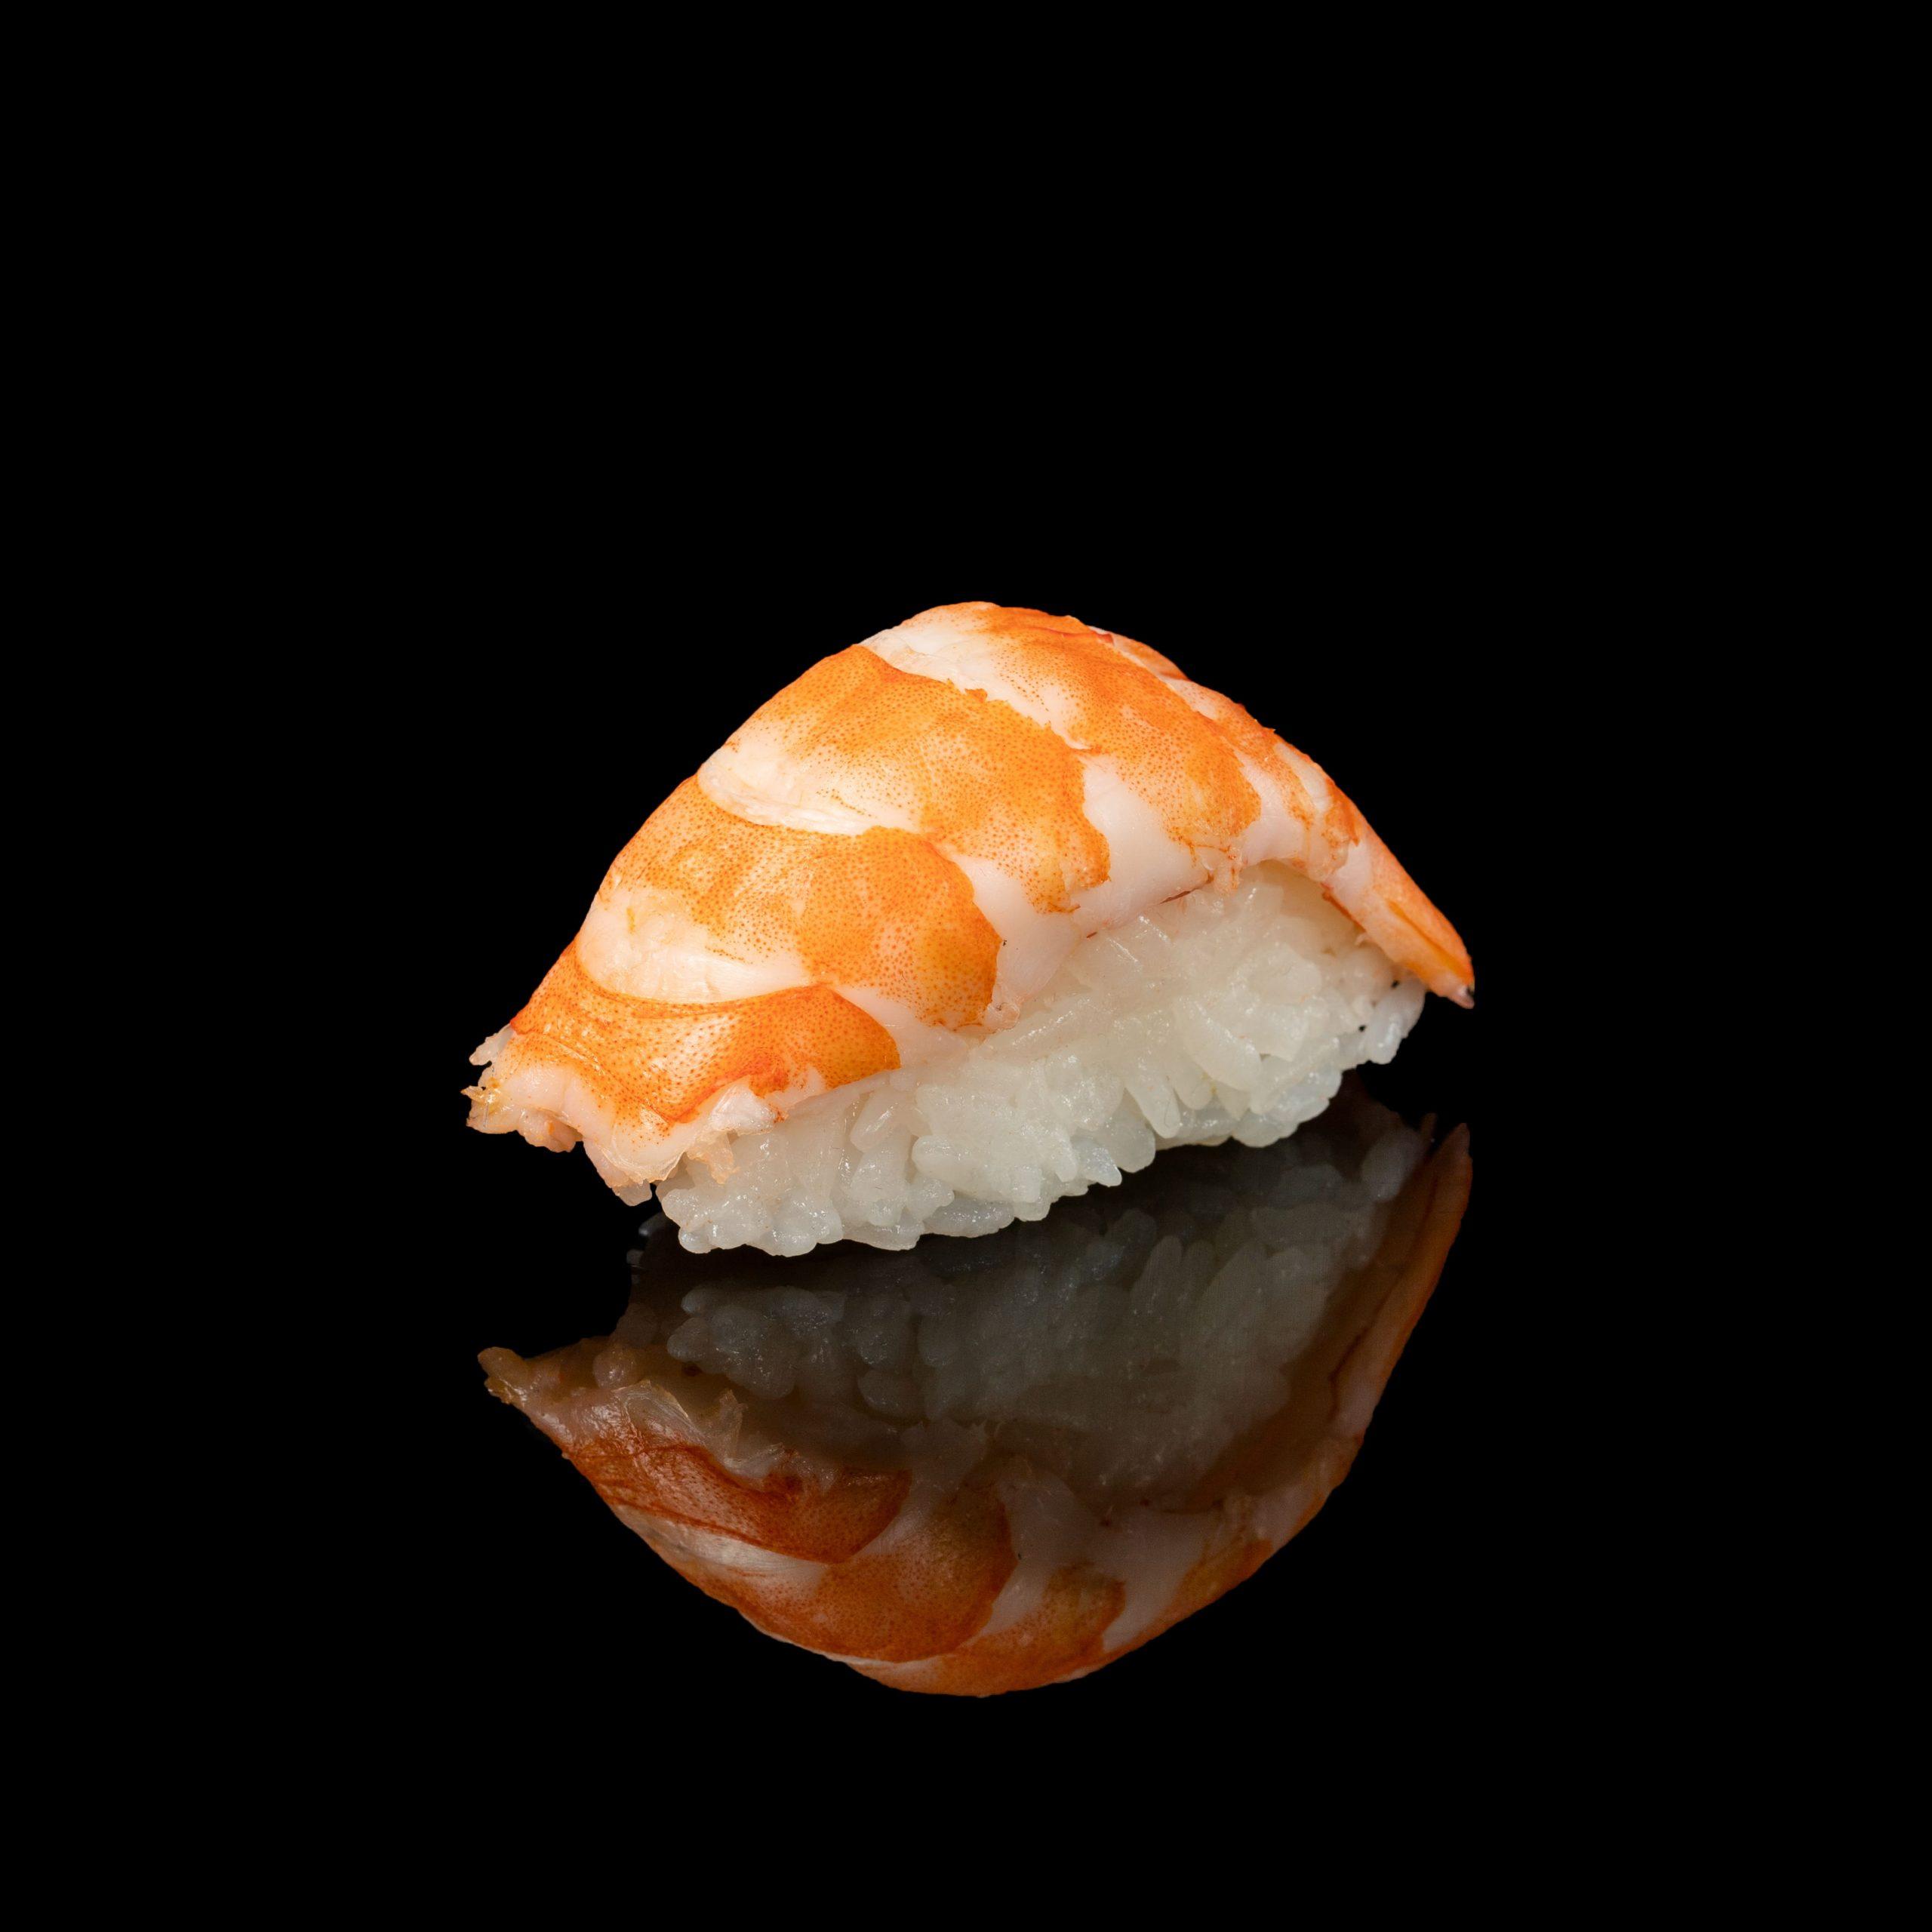 Image / Нігірі з креветкою